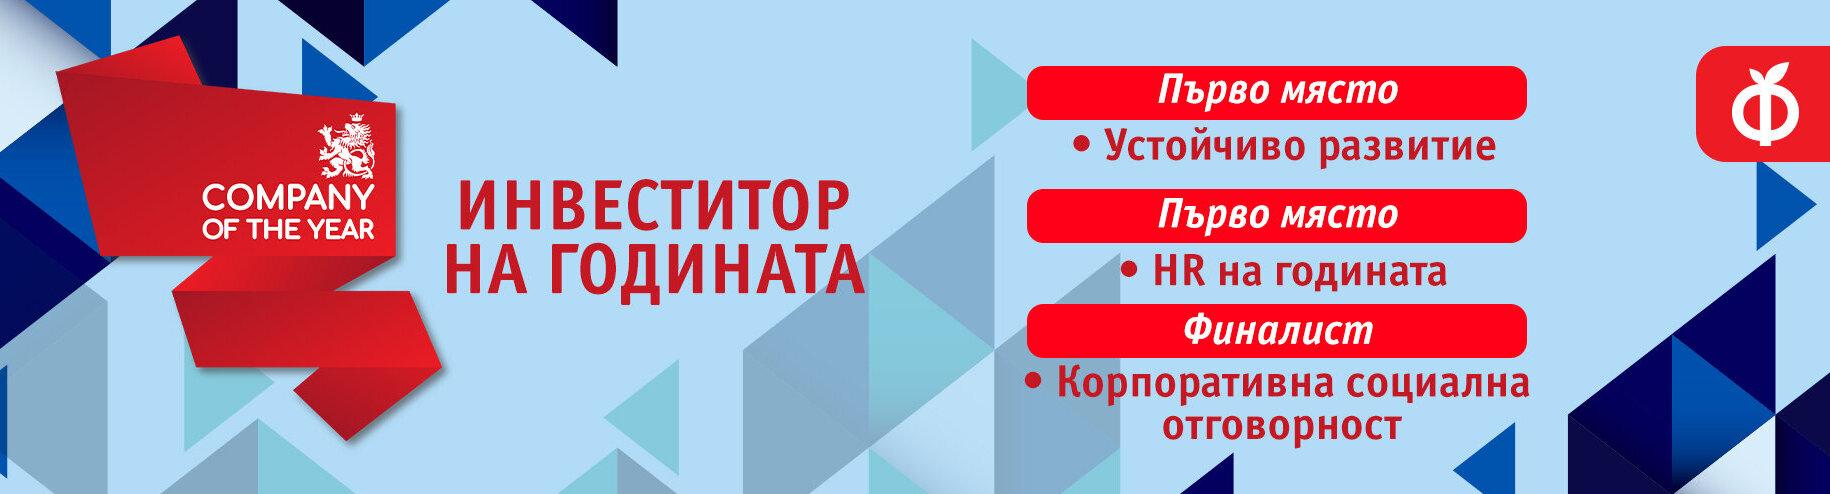 """Четири отличия за ФАНТАСТИКО в конкурса """"КОМПАНИЯ НА ГОДИНАТА"""""""